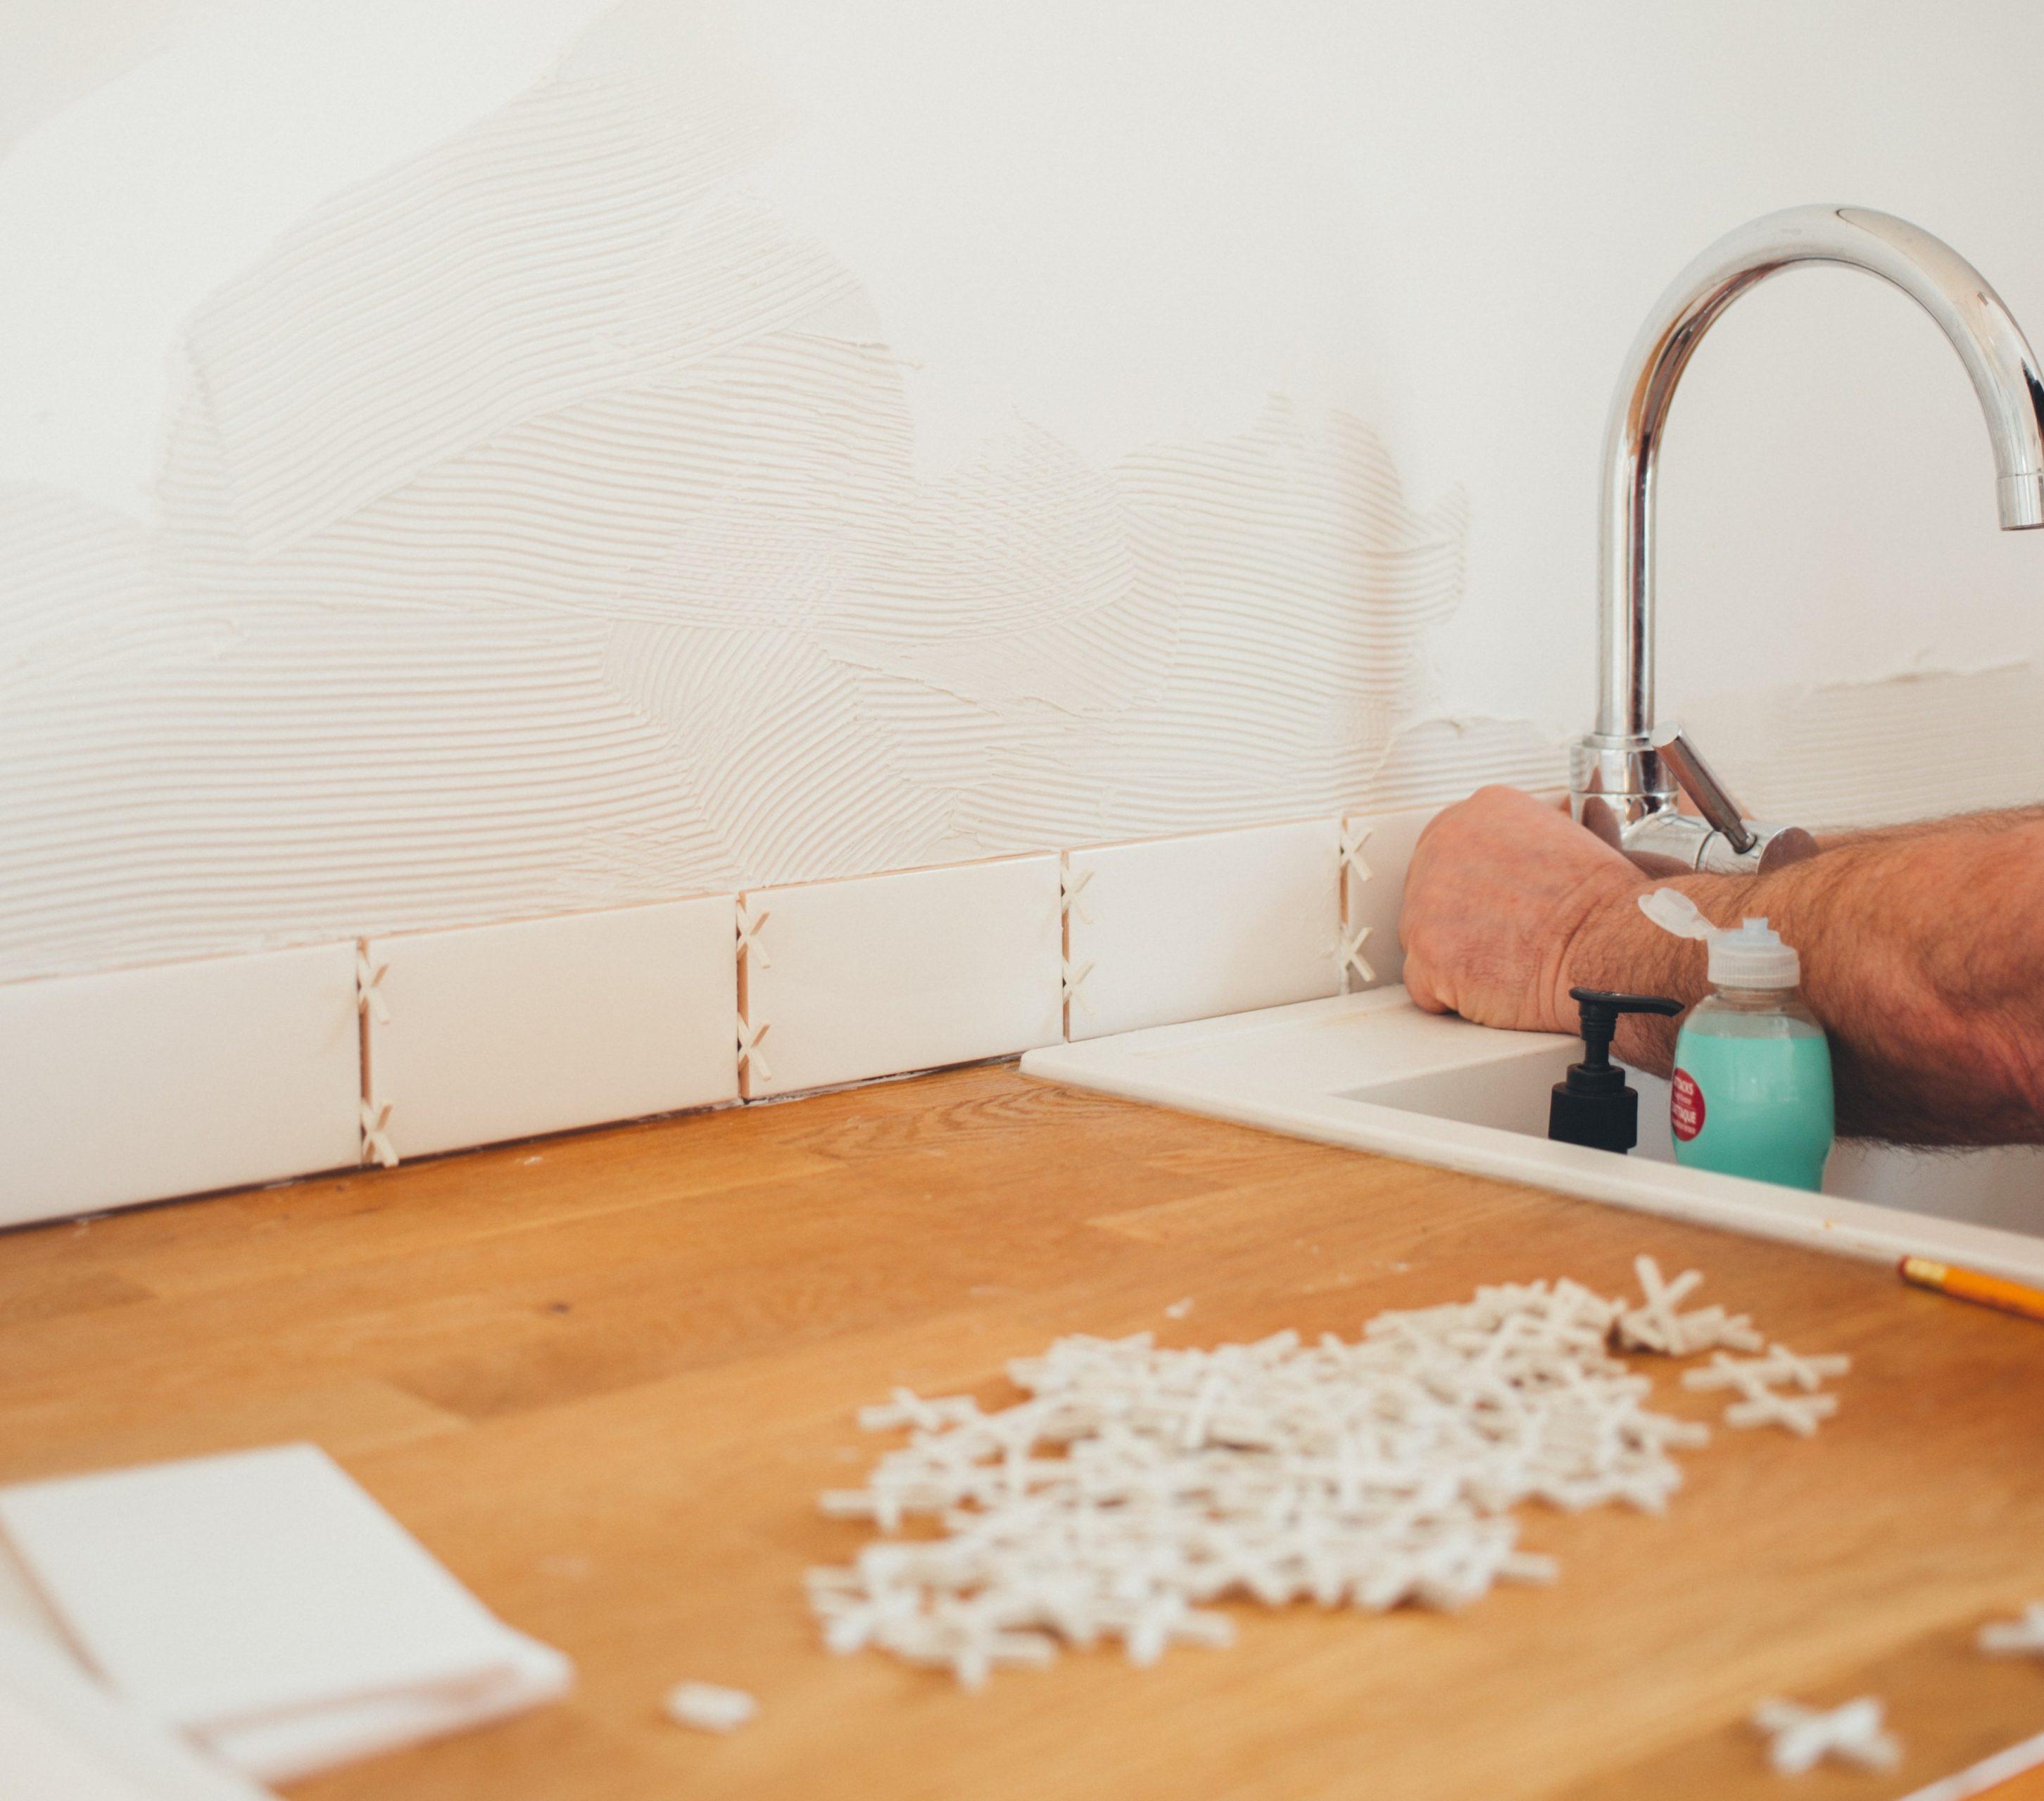 Tiling, tile repairs